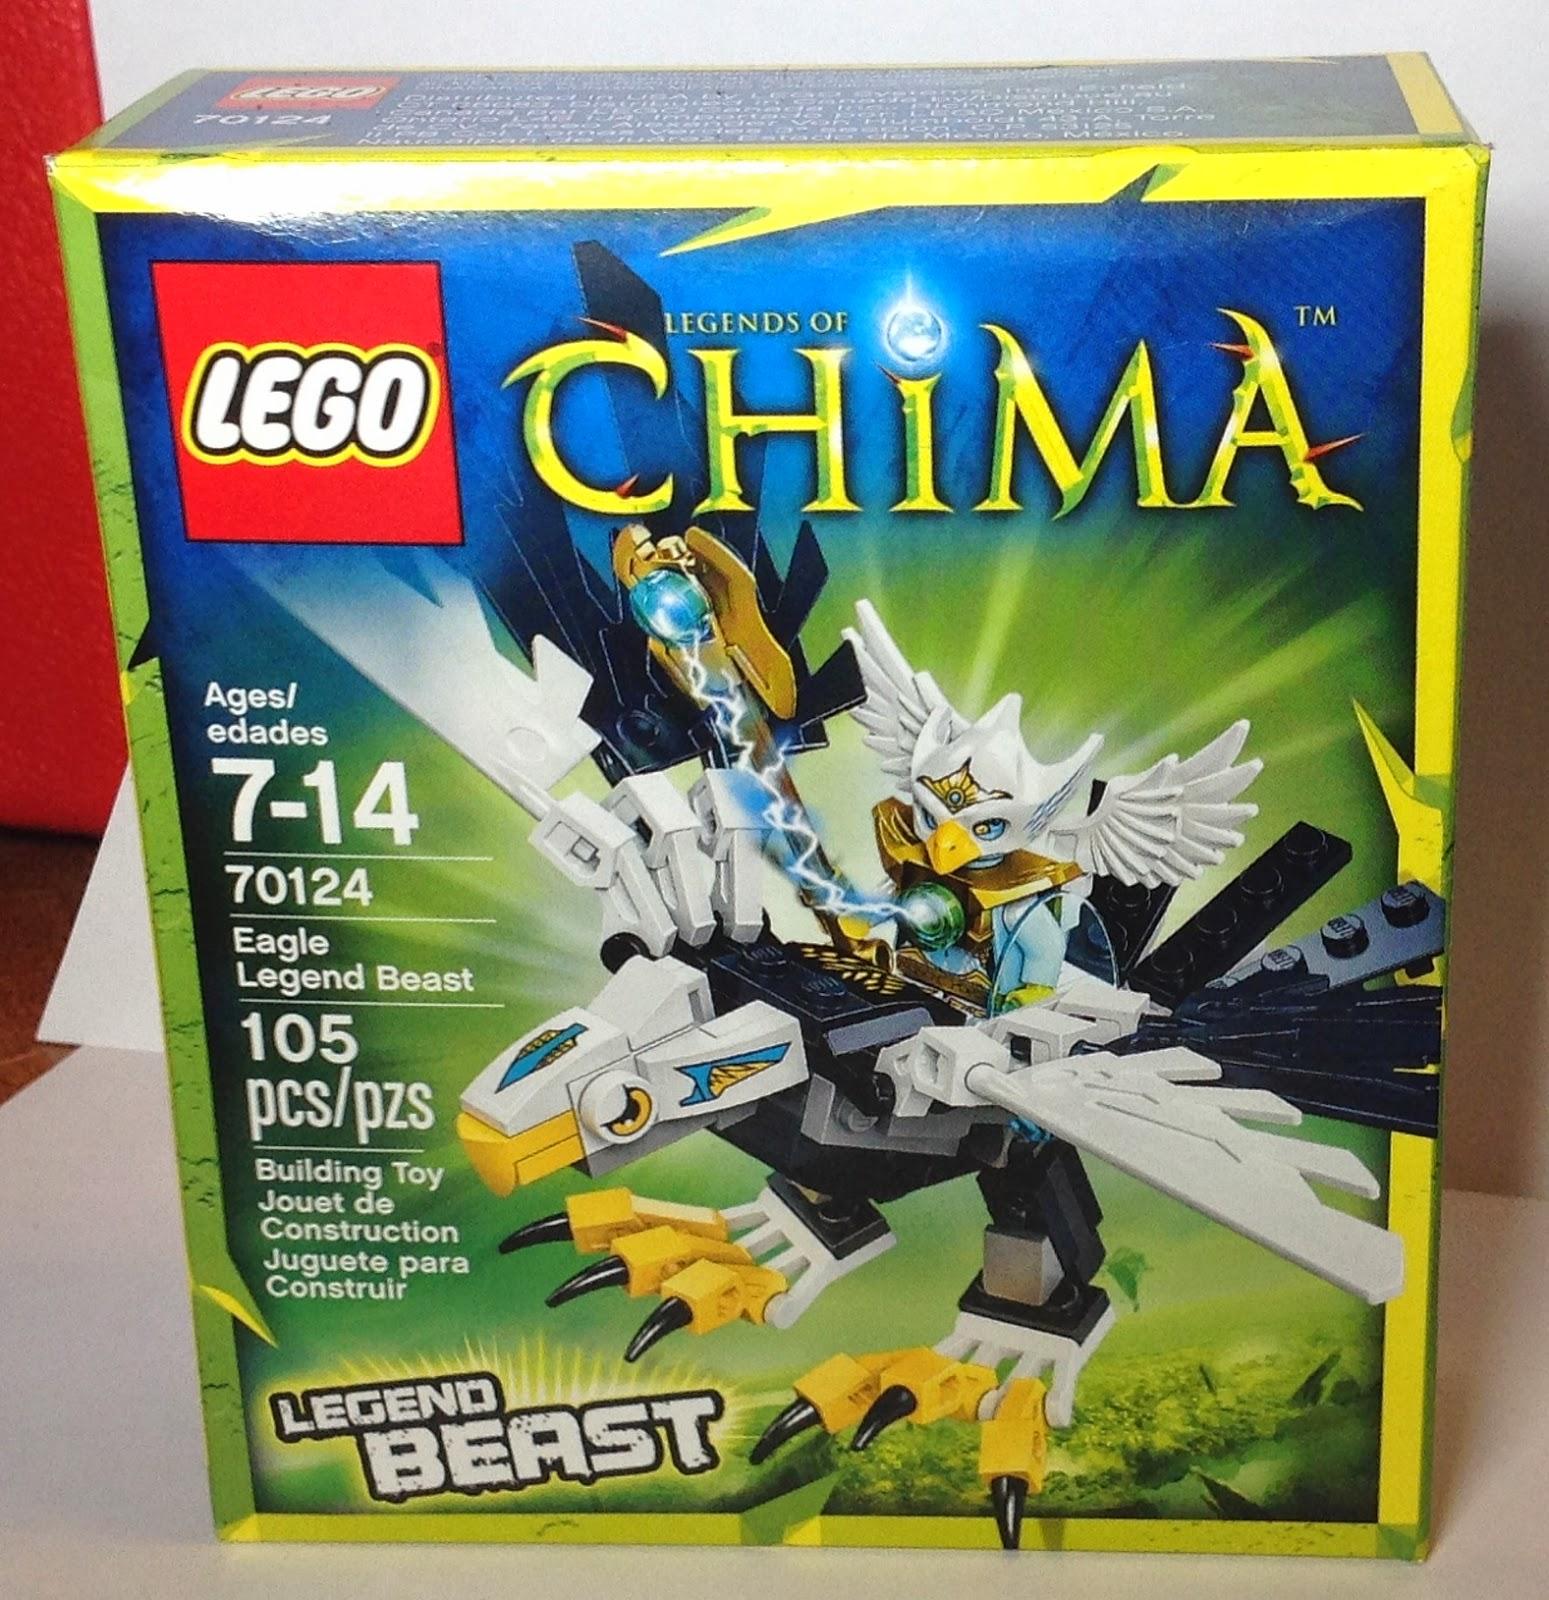 LEGO Chima nopeus dating